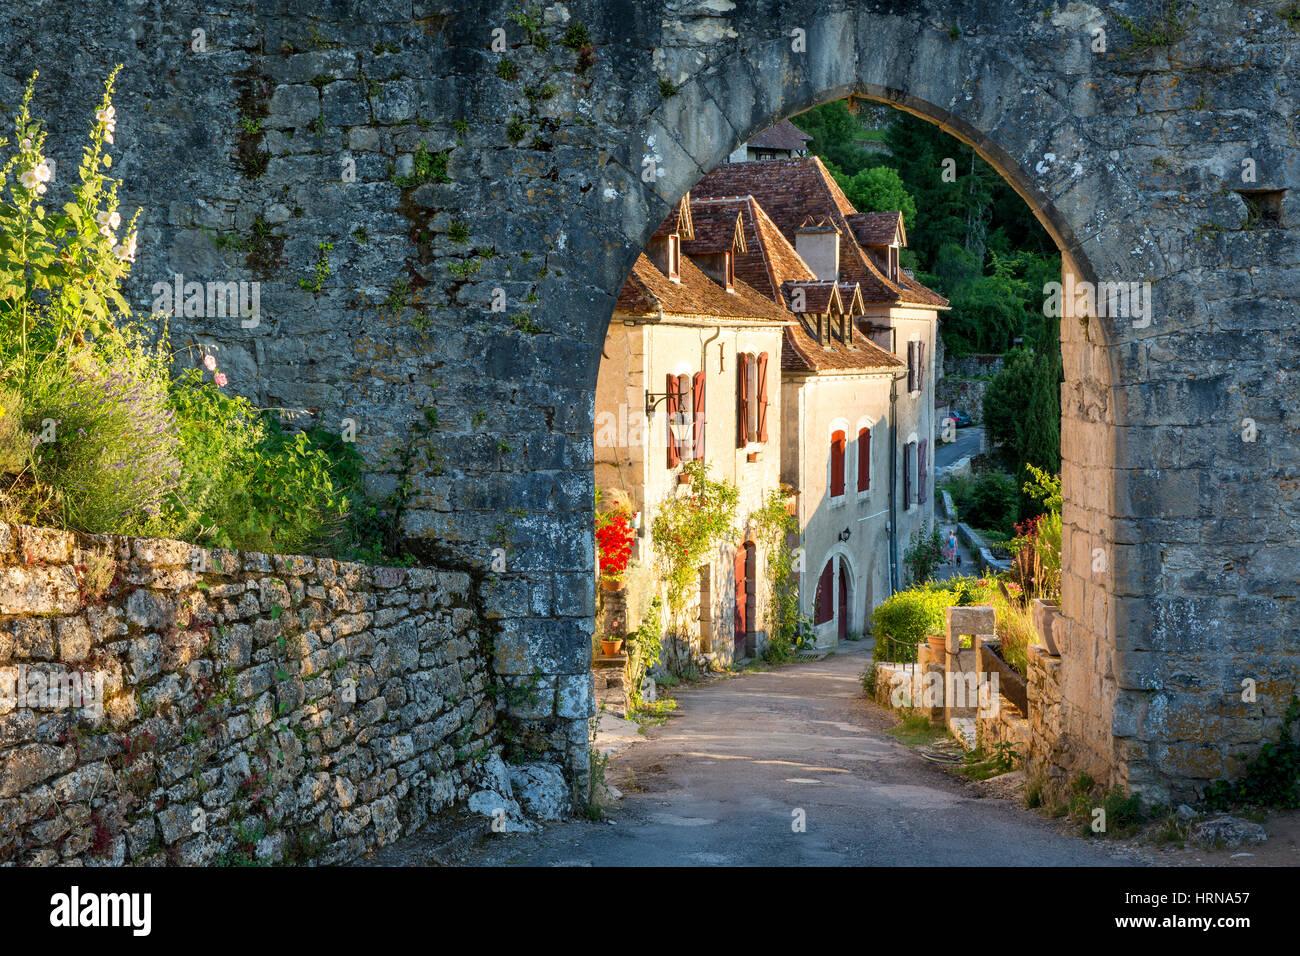 Ajuste la luz solar de casas en puerta de entrada a Saint-Cirq-Lapopie, el valle del Lot, Occitanie, Francia Imagen De Stock